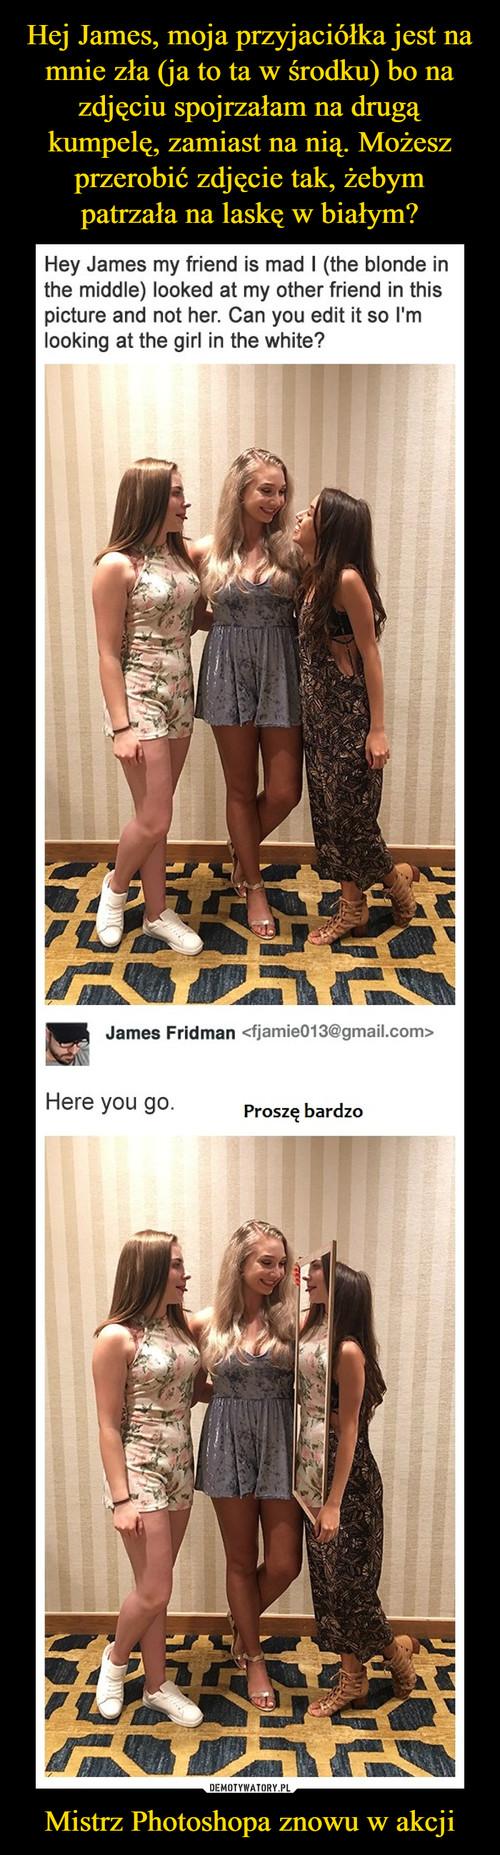 Hej James, moja przyjaciółka jest na mnie zła (ja to ta w środku) bo na zdjęciu spojrzałam na drugą kumpelę, zamiast na nią. Możesz przerobić zdjęcie tak, żebym patrzała na laskę w białym? Mistrz Photoshopa znowu w akcji